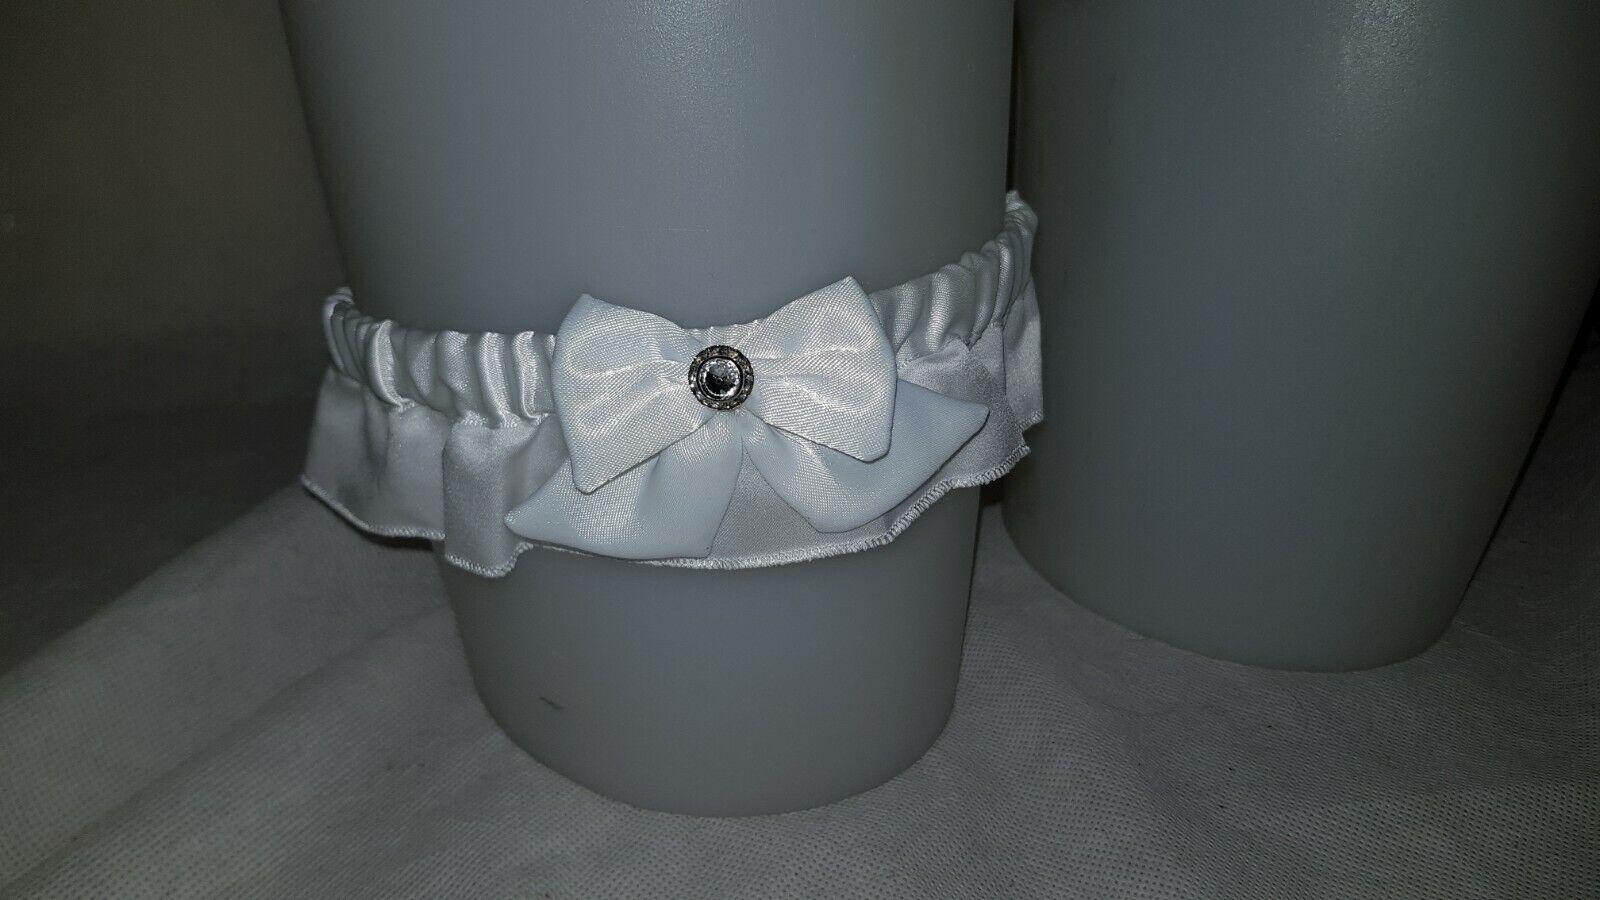 Ladies White Garter Wedding Day Hen Night Accessory Bridal Wear